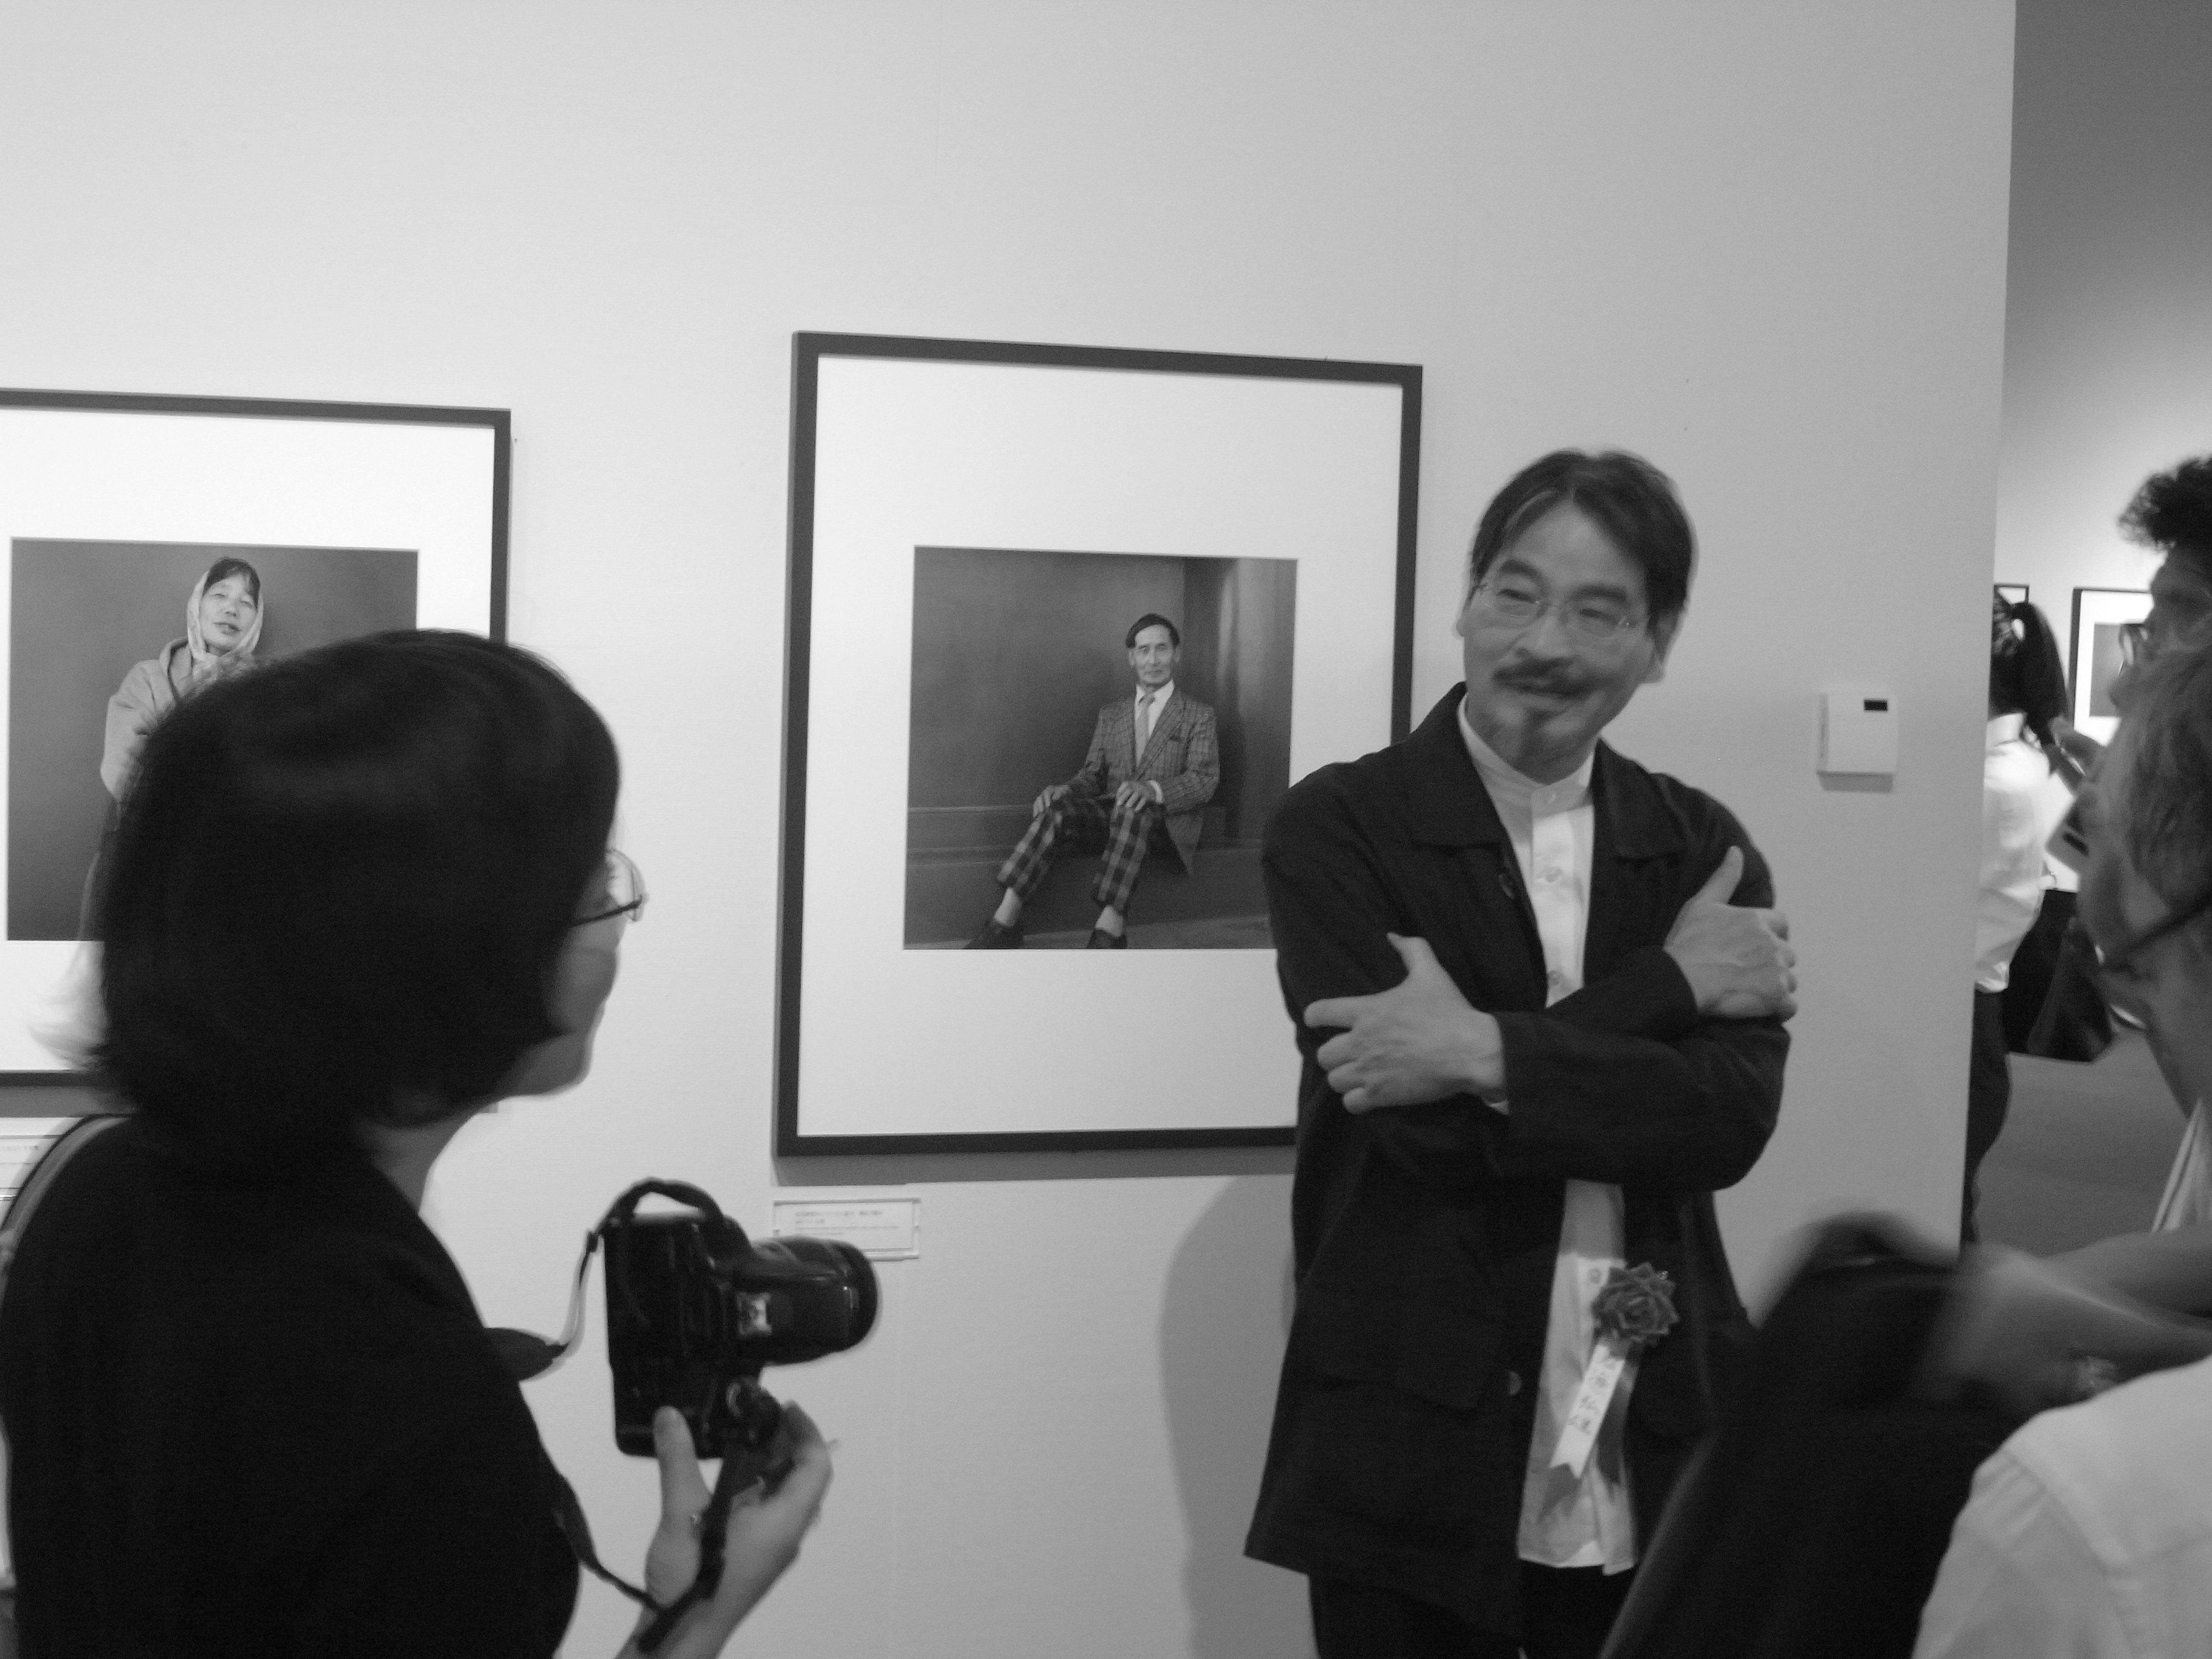 Image of Hiroh Kikai from Wikidata